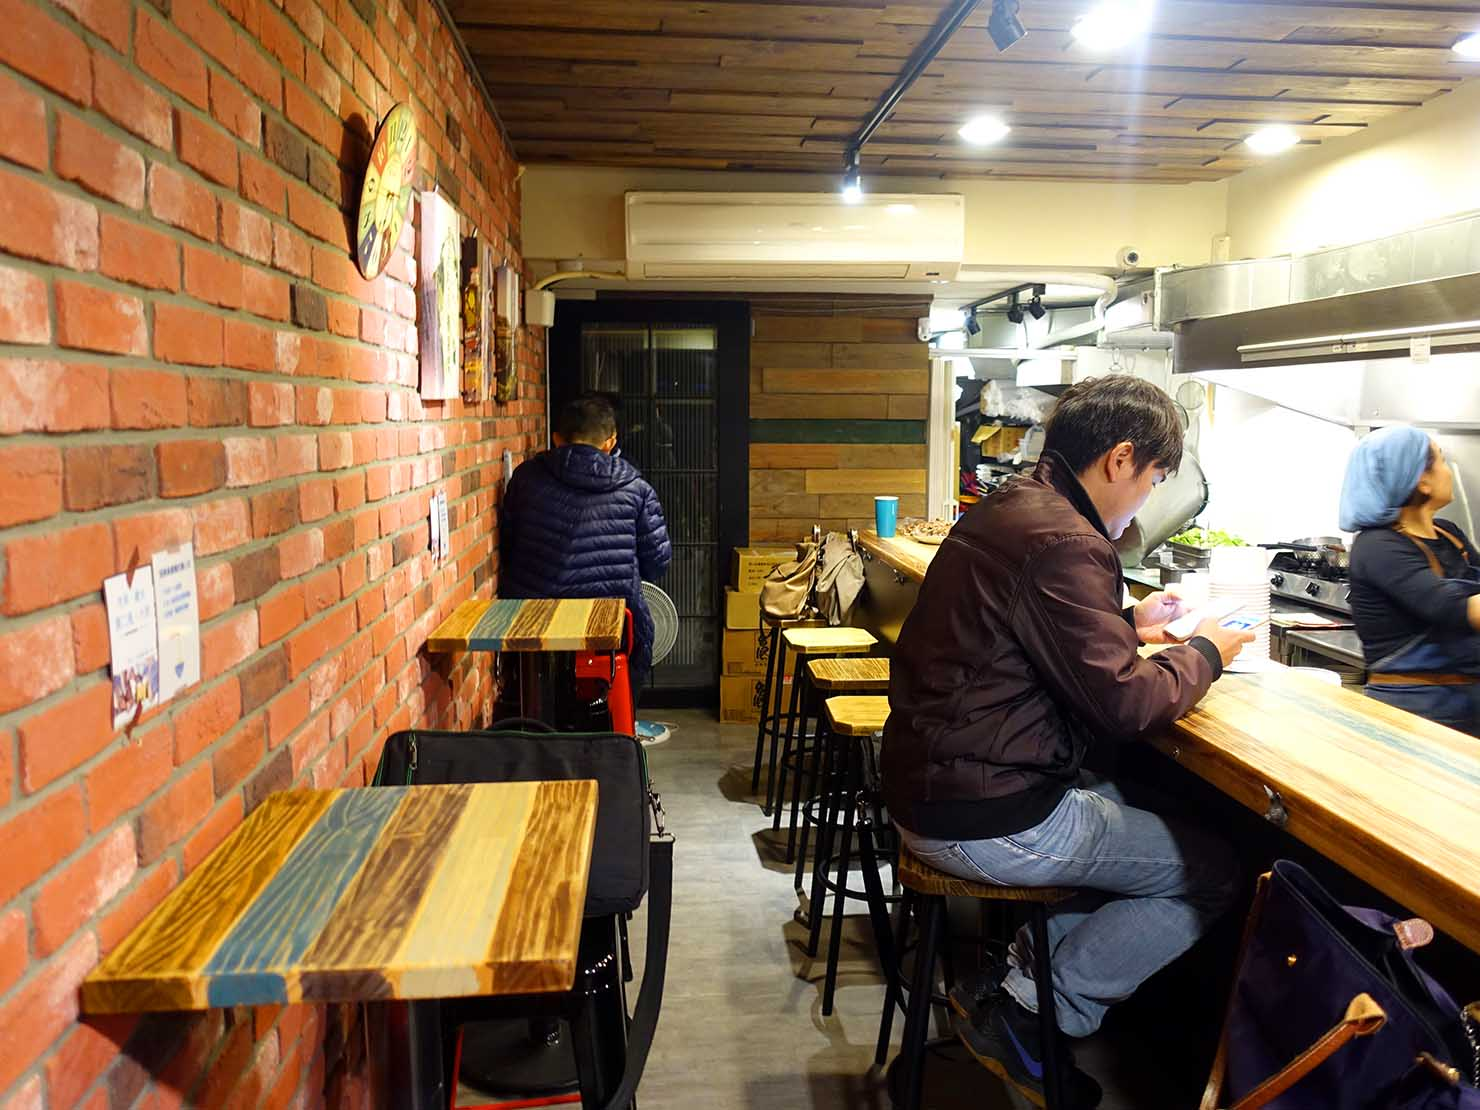 台北・國父紀念館のおすすめグルメ店「林家麻醬麵」の店内